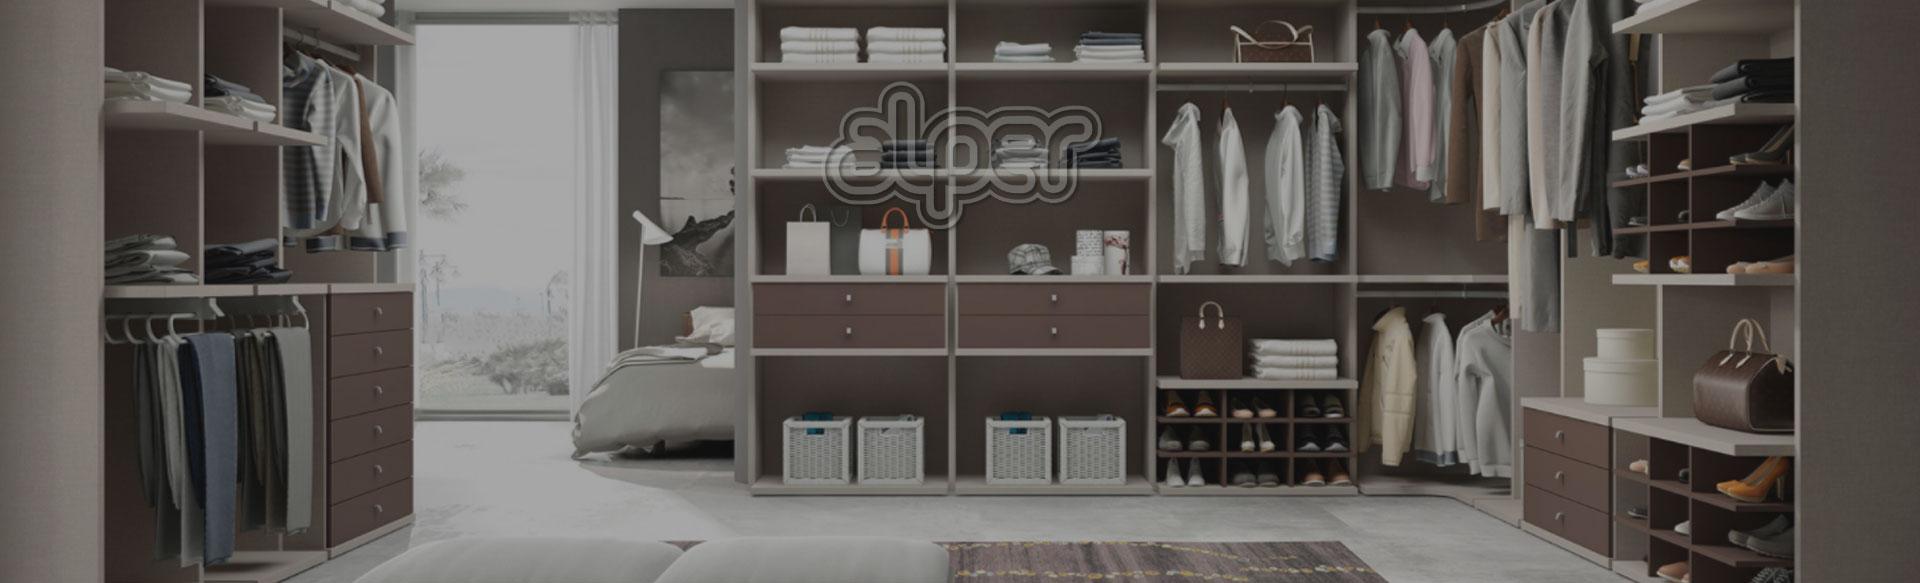 Muebles y cocinas alper el mejor precio - Complementos armarios empotrados ...